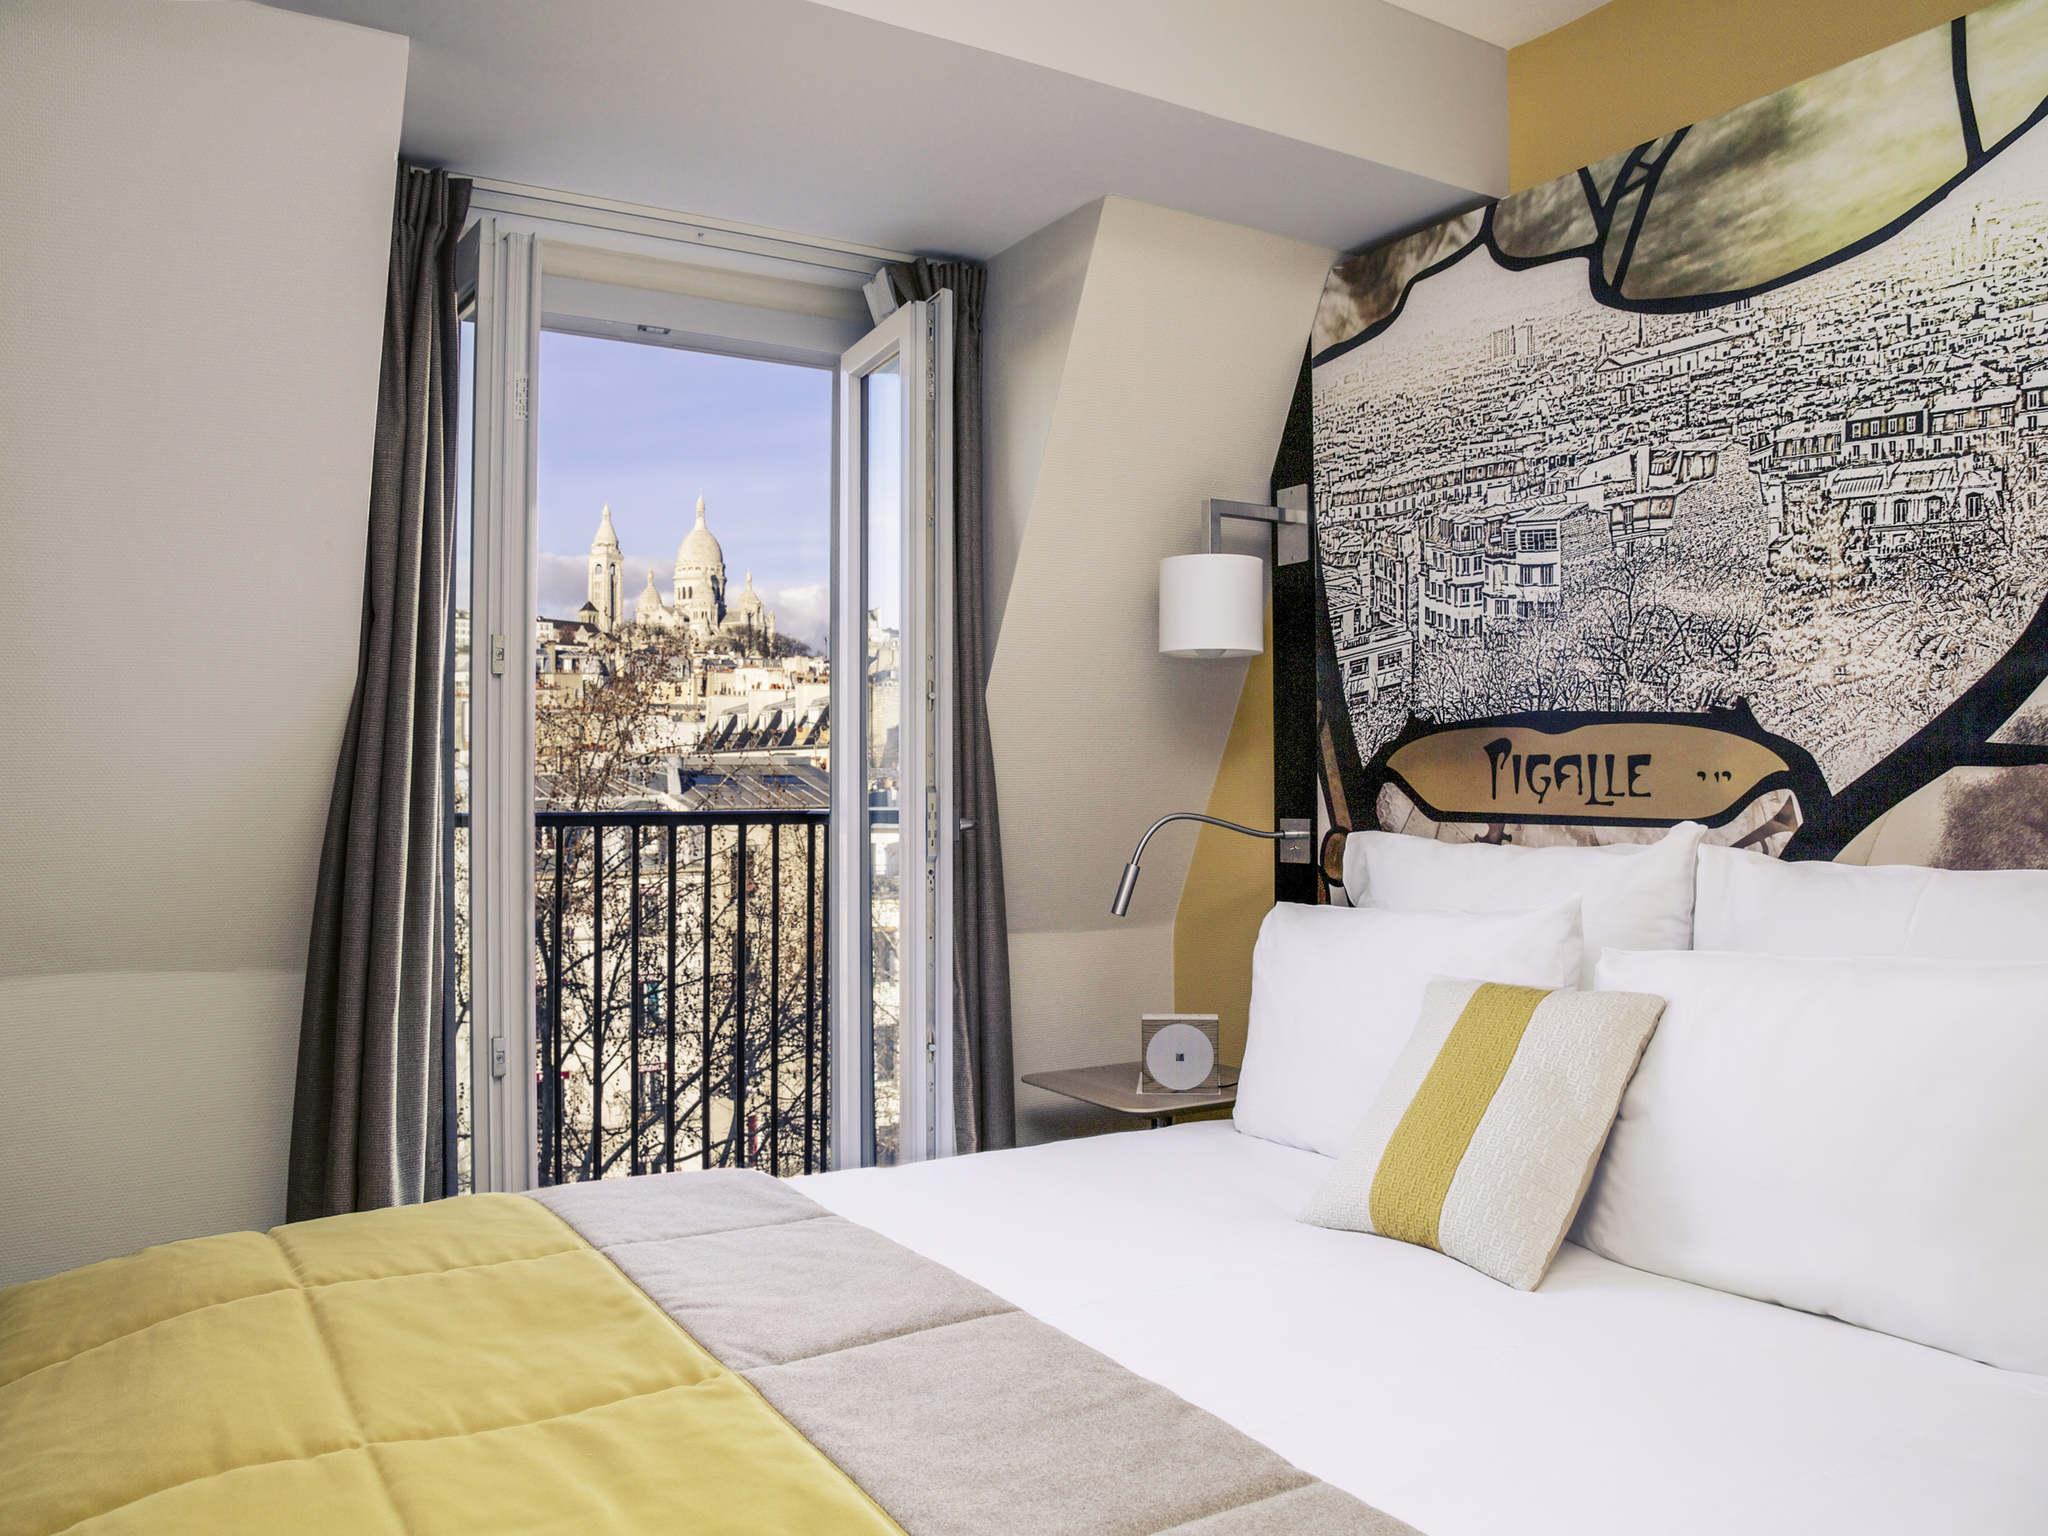 Hotel – Hotel Mercure Paris 9 Pigalle Sacré-Coeur